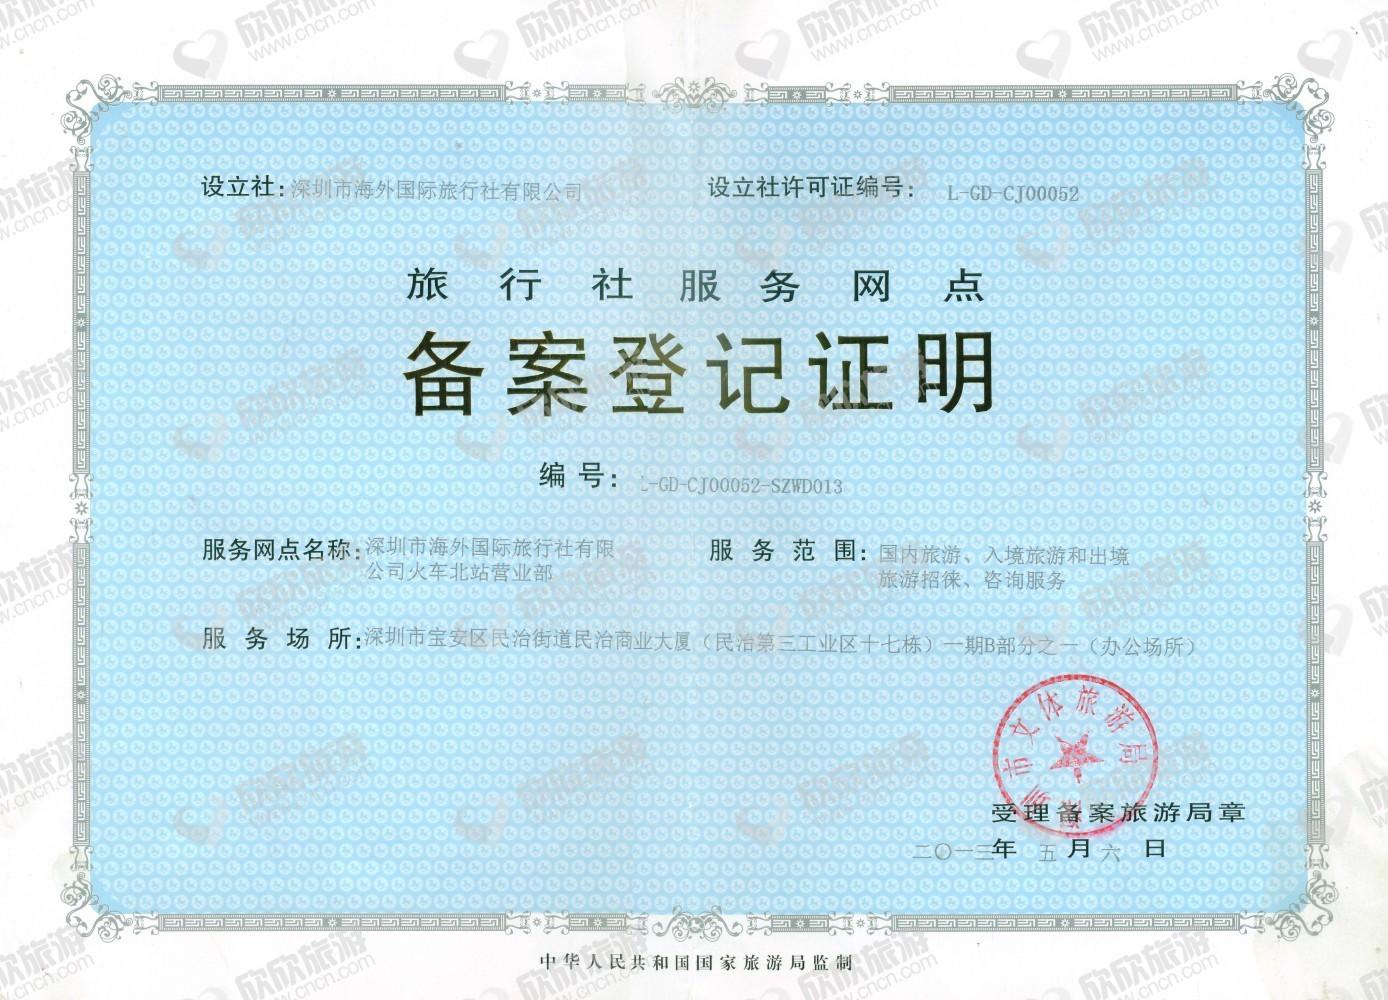 深圳市海外国际旅行社有限公司火车北站营业部经营许可证